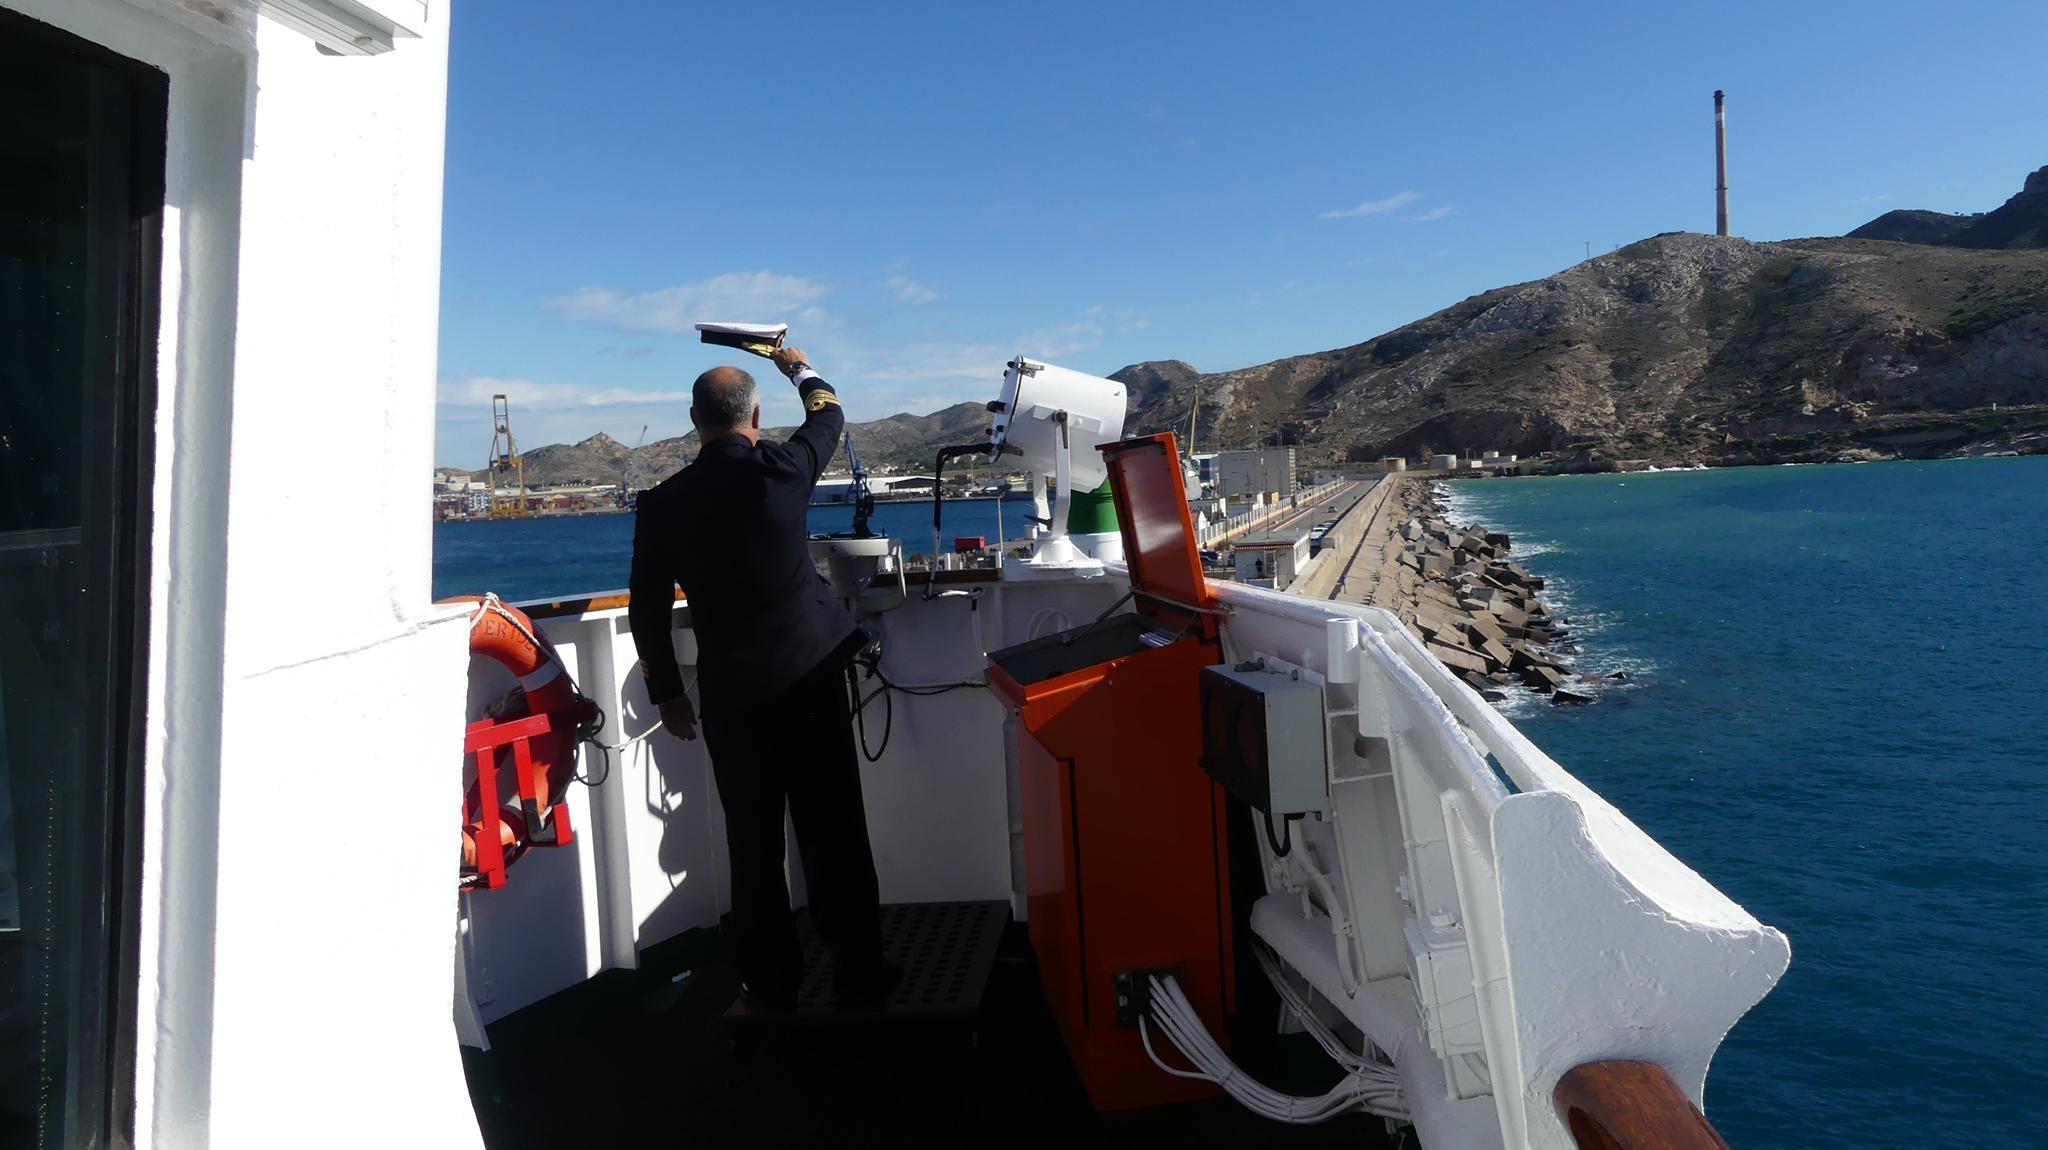 El buque de investigación 'Hespérides' comienza su participación en la XXXIII Campaña Antártica Española